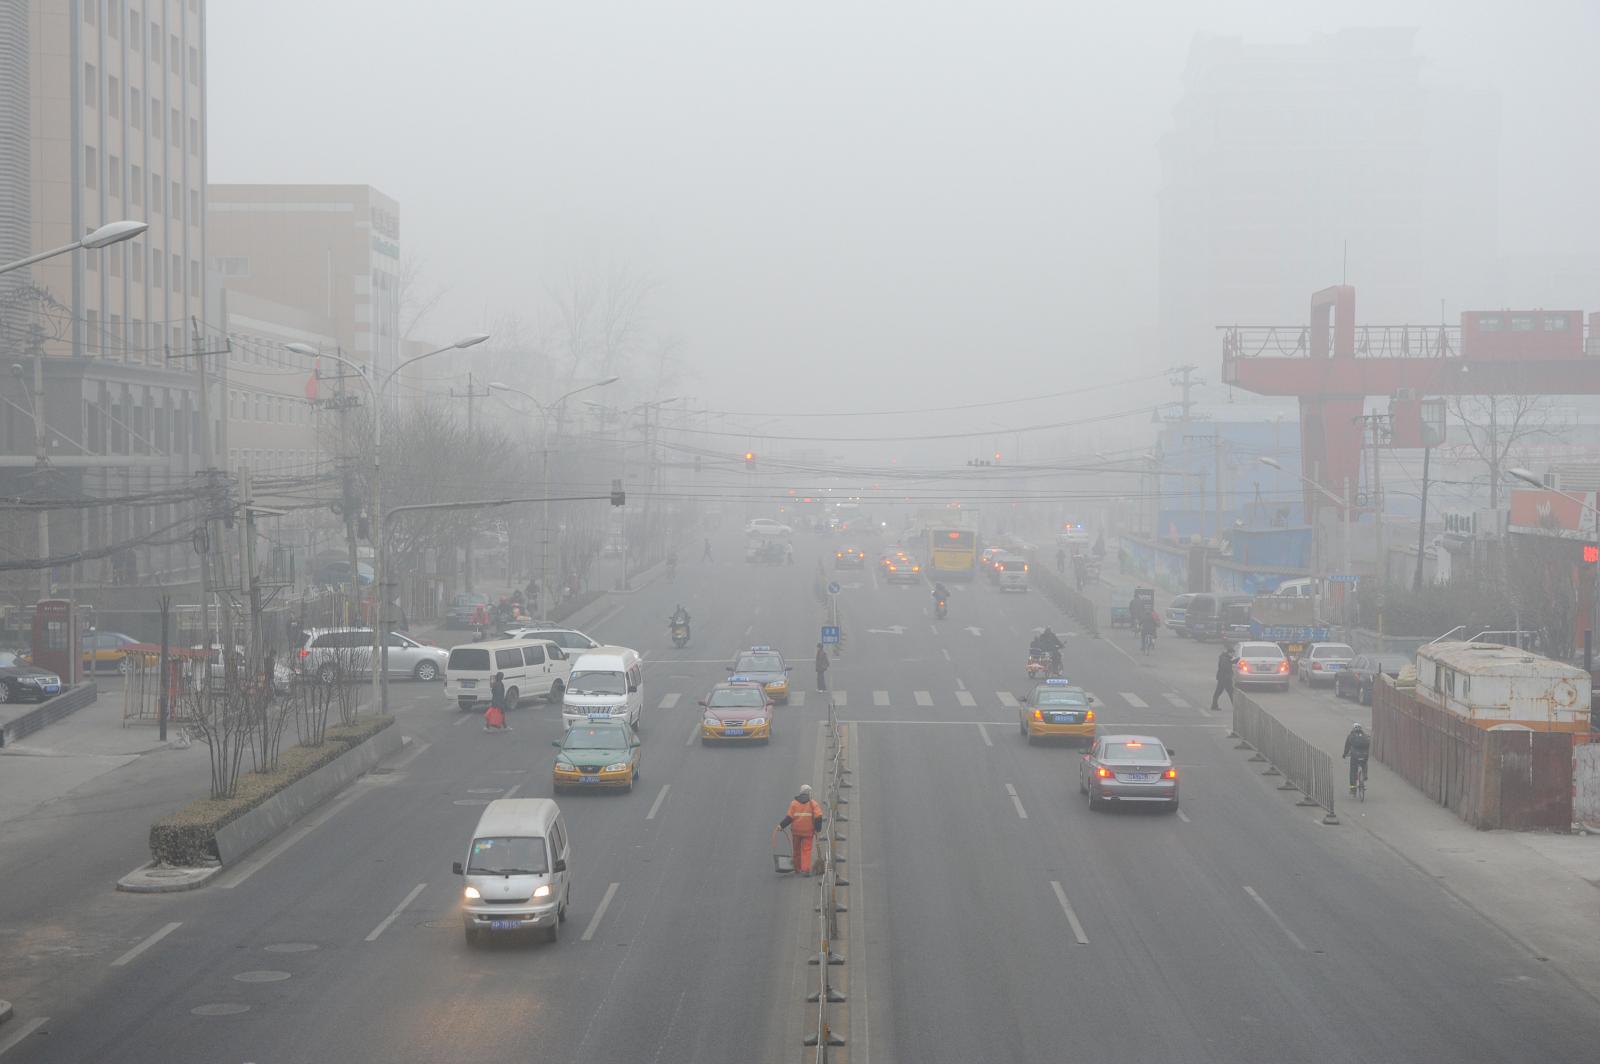 Xe cộ, các tòa nhà cao tầng, cảnh thành phố mờ ảo vì khói bụi ô nhiễm